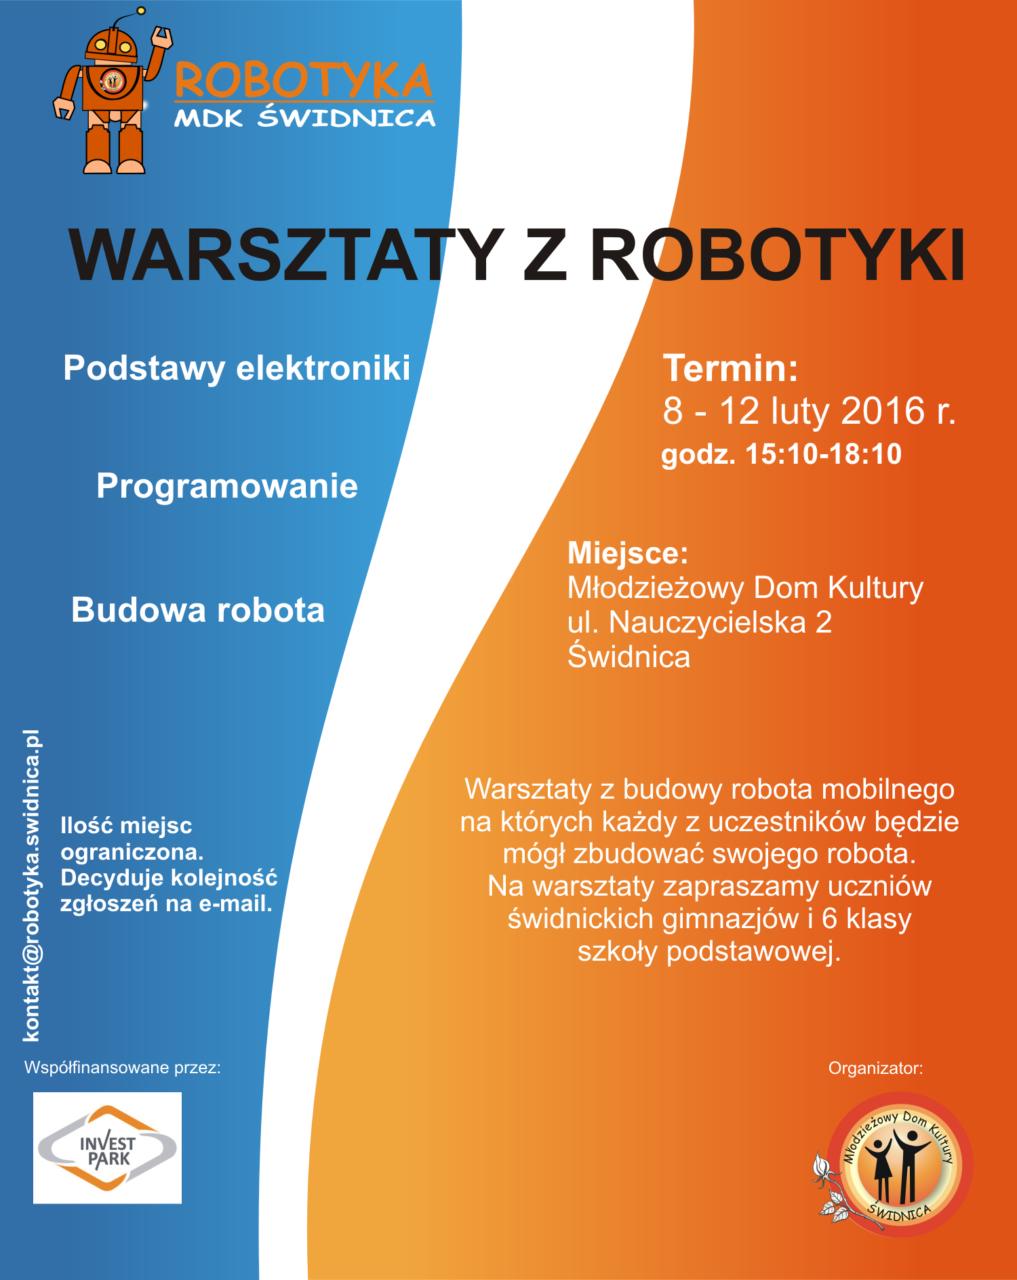 Warsztaty robotyki w ferie